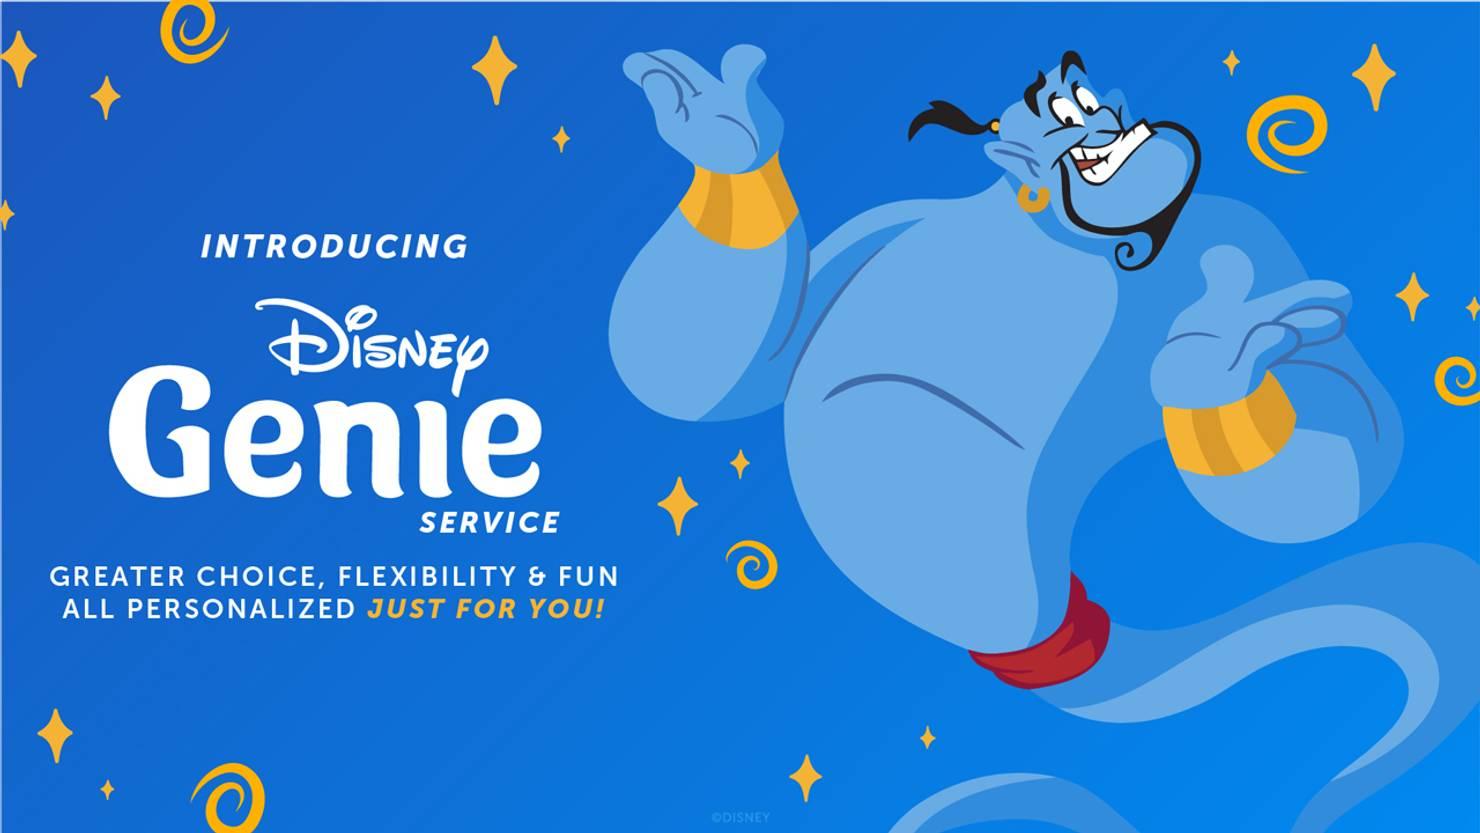 Disney Genie overview